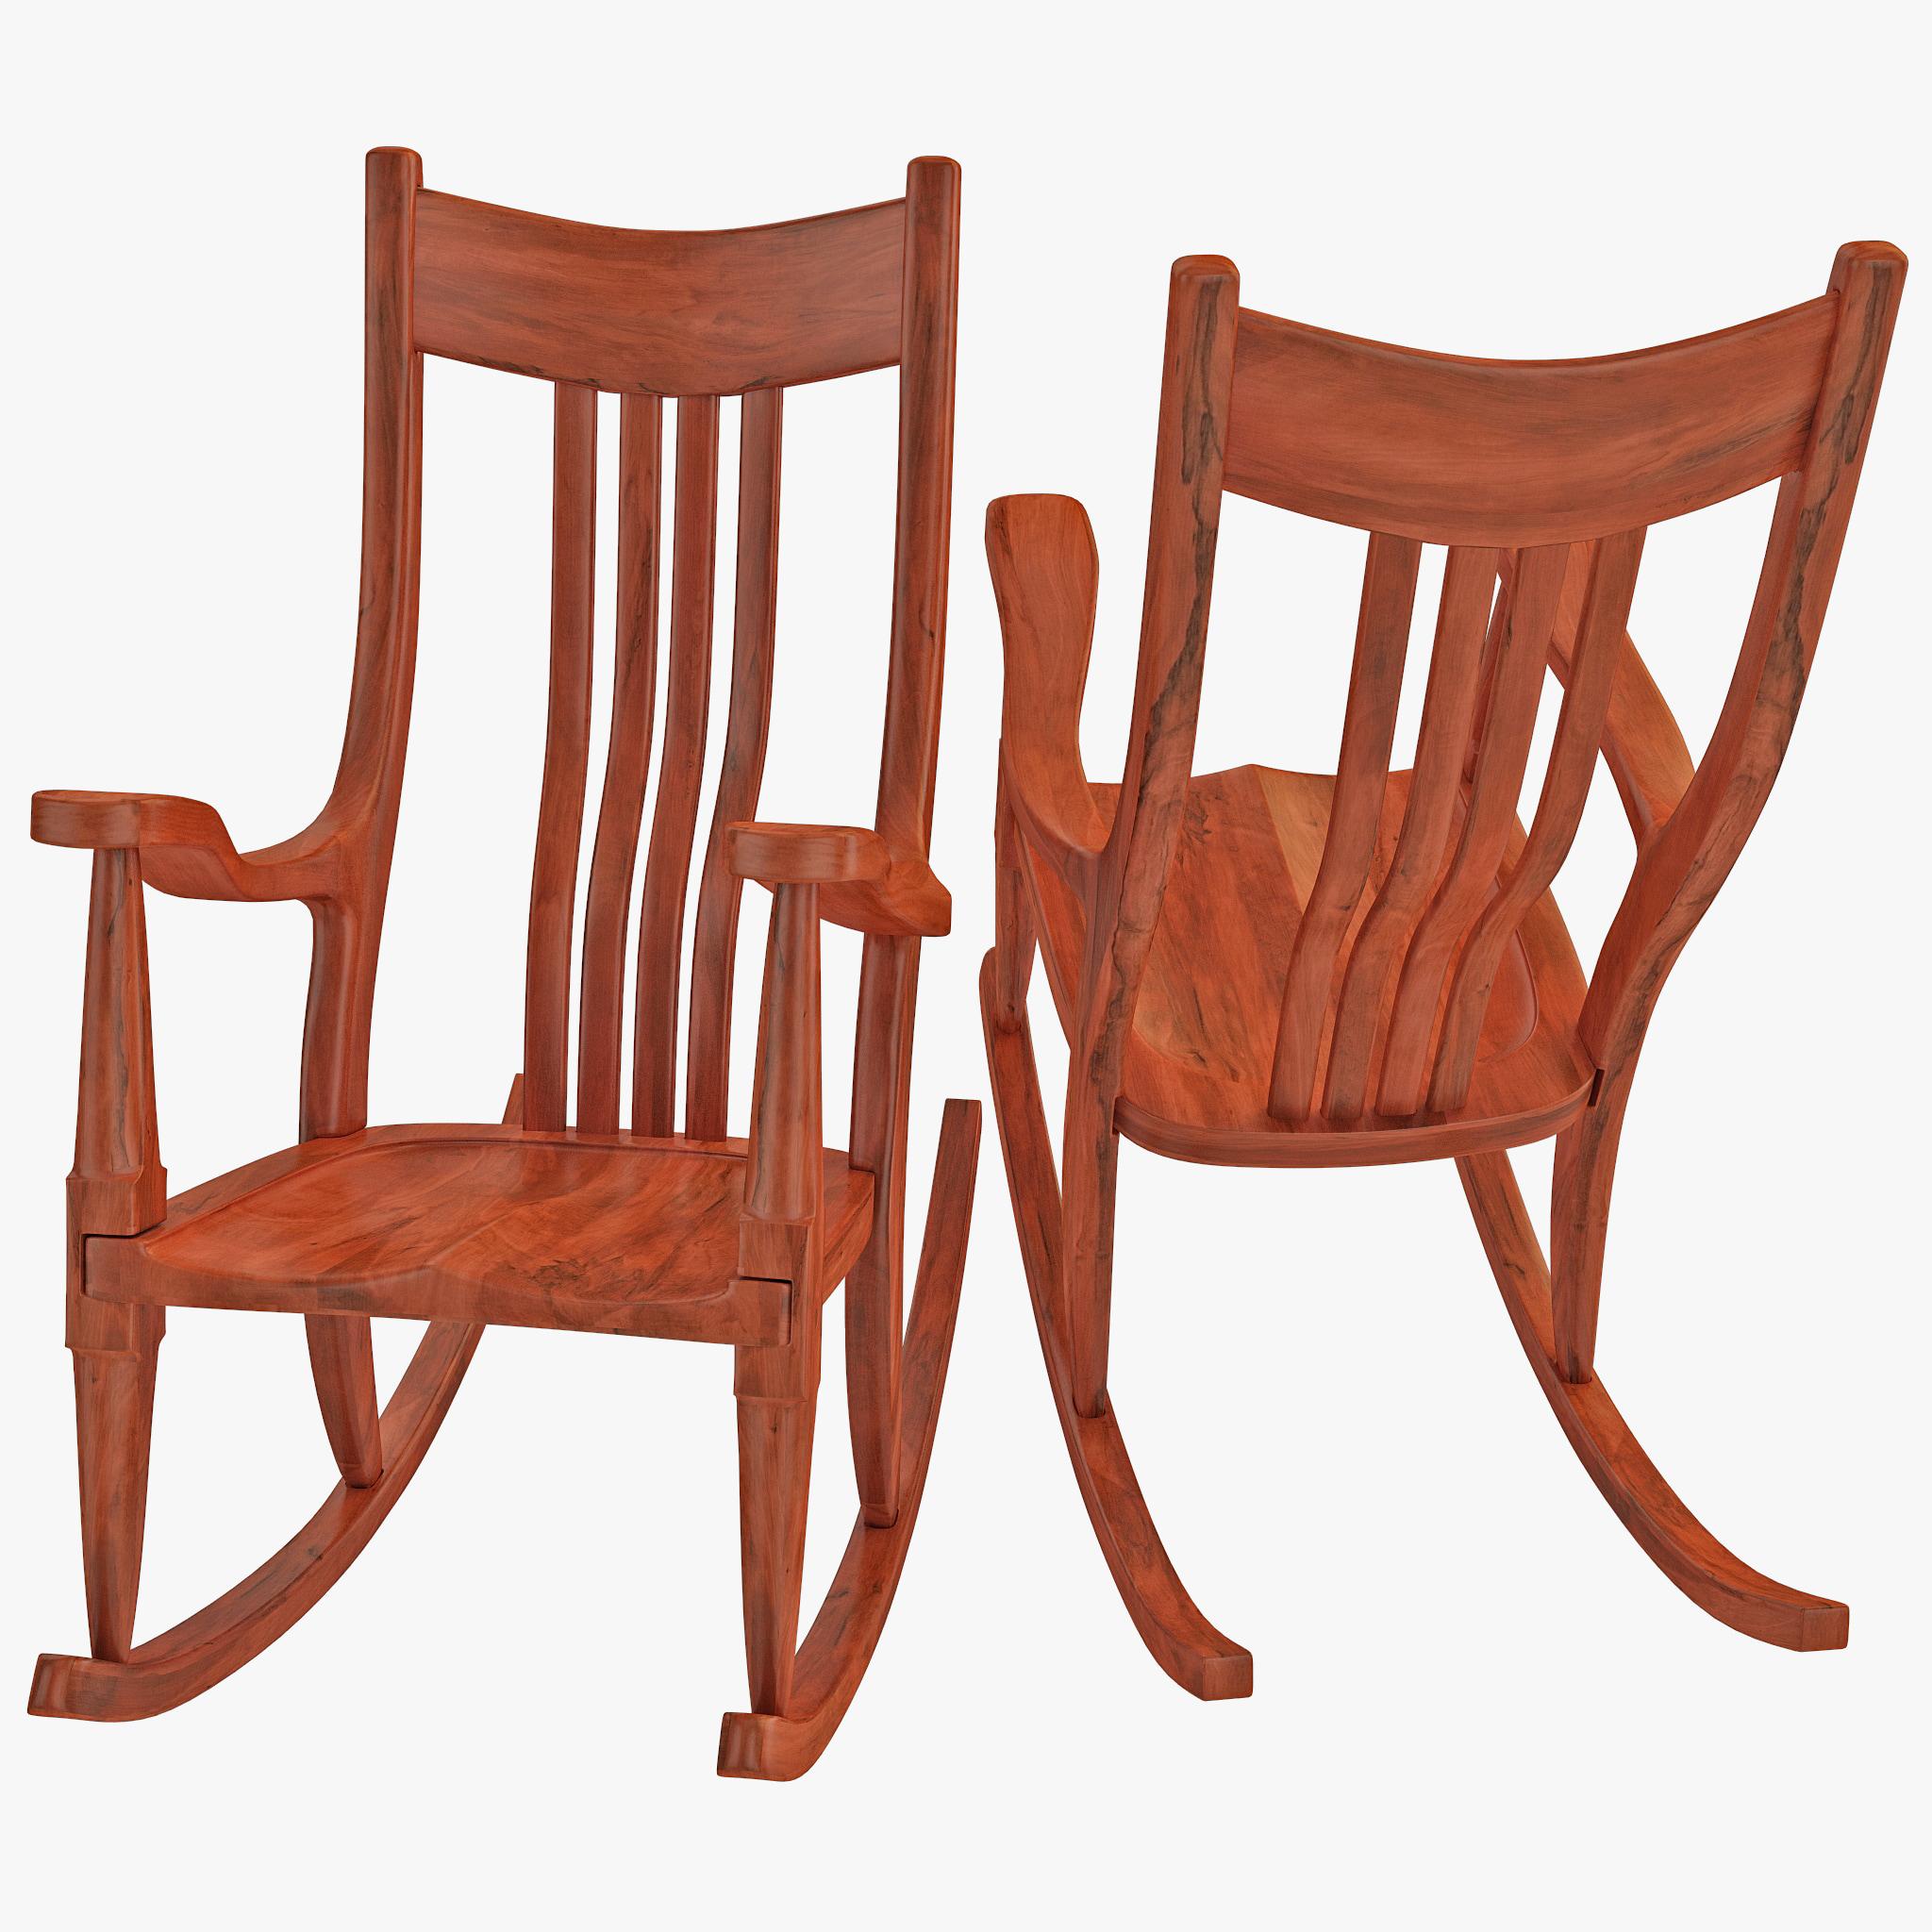 198101_Wooden_Rocking_Chair_000.jpg